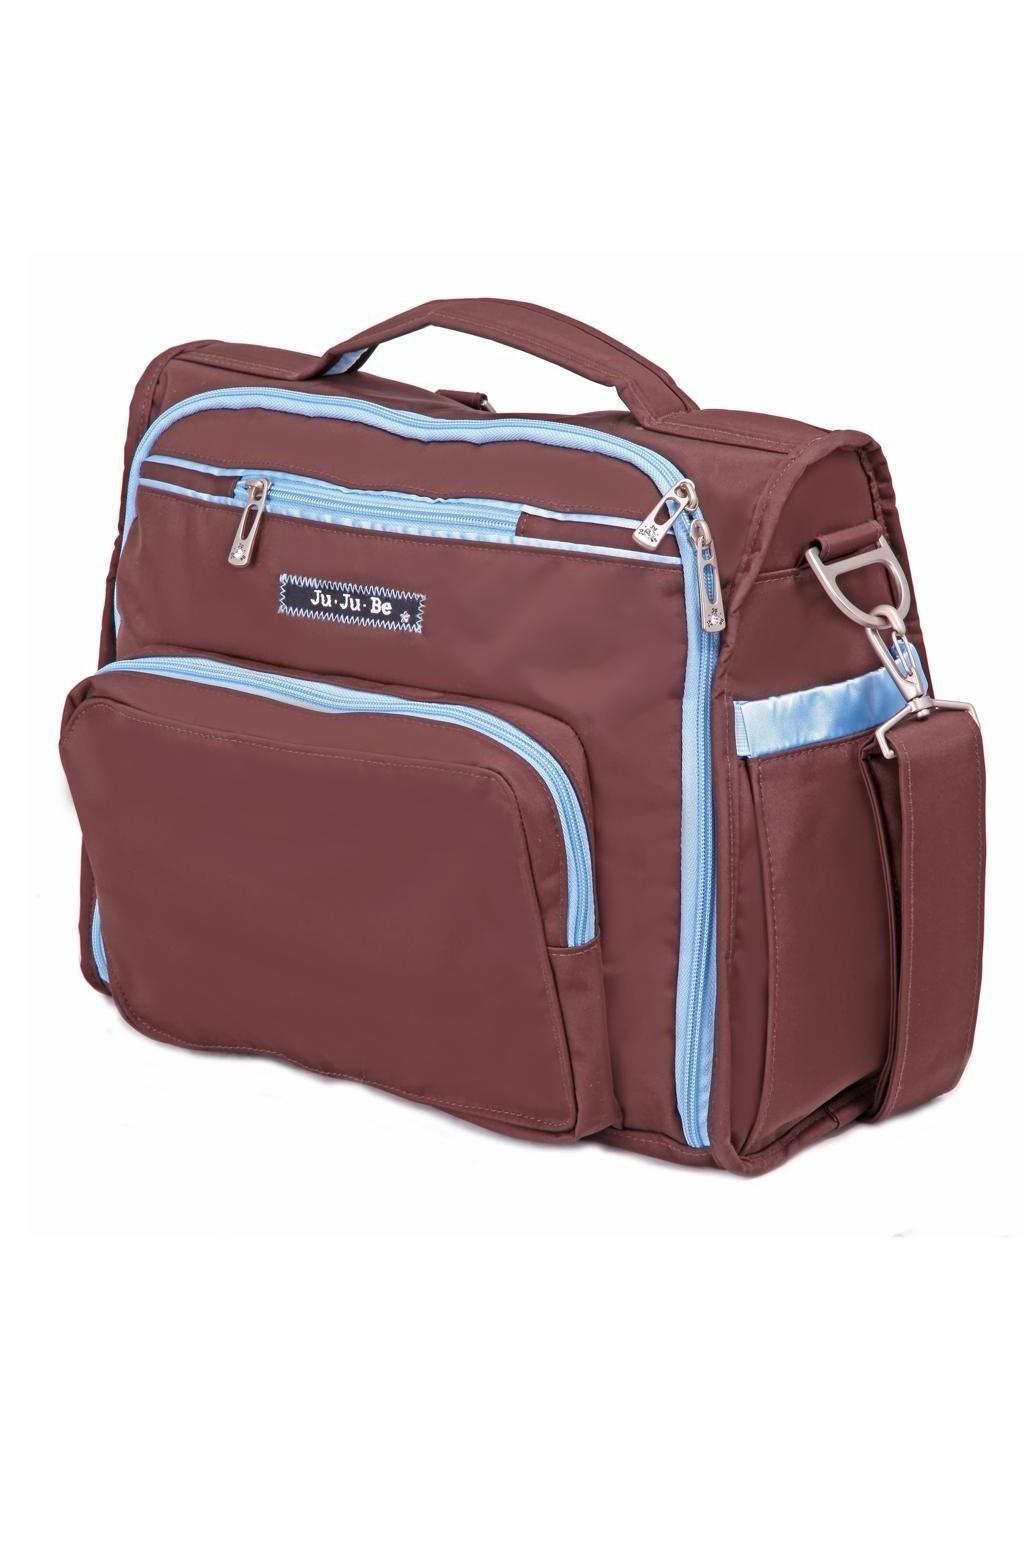 """Сумка-рюкзак для мамы на коляску JU-JU-BE  """"BFF Brown Robin """" Classic..."""